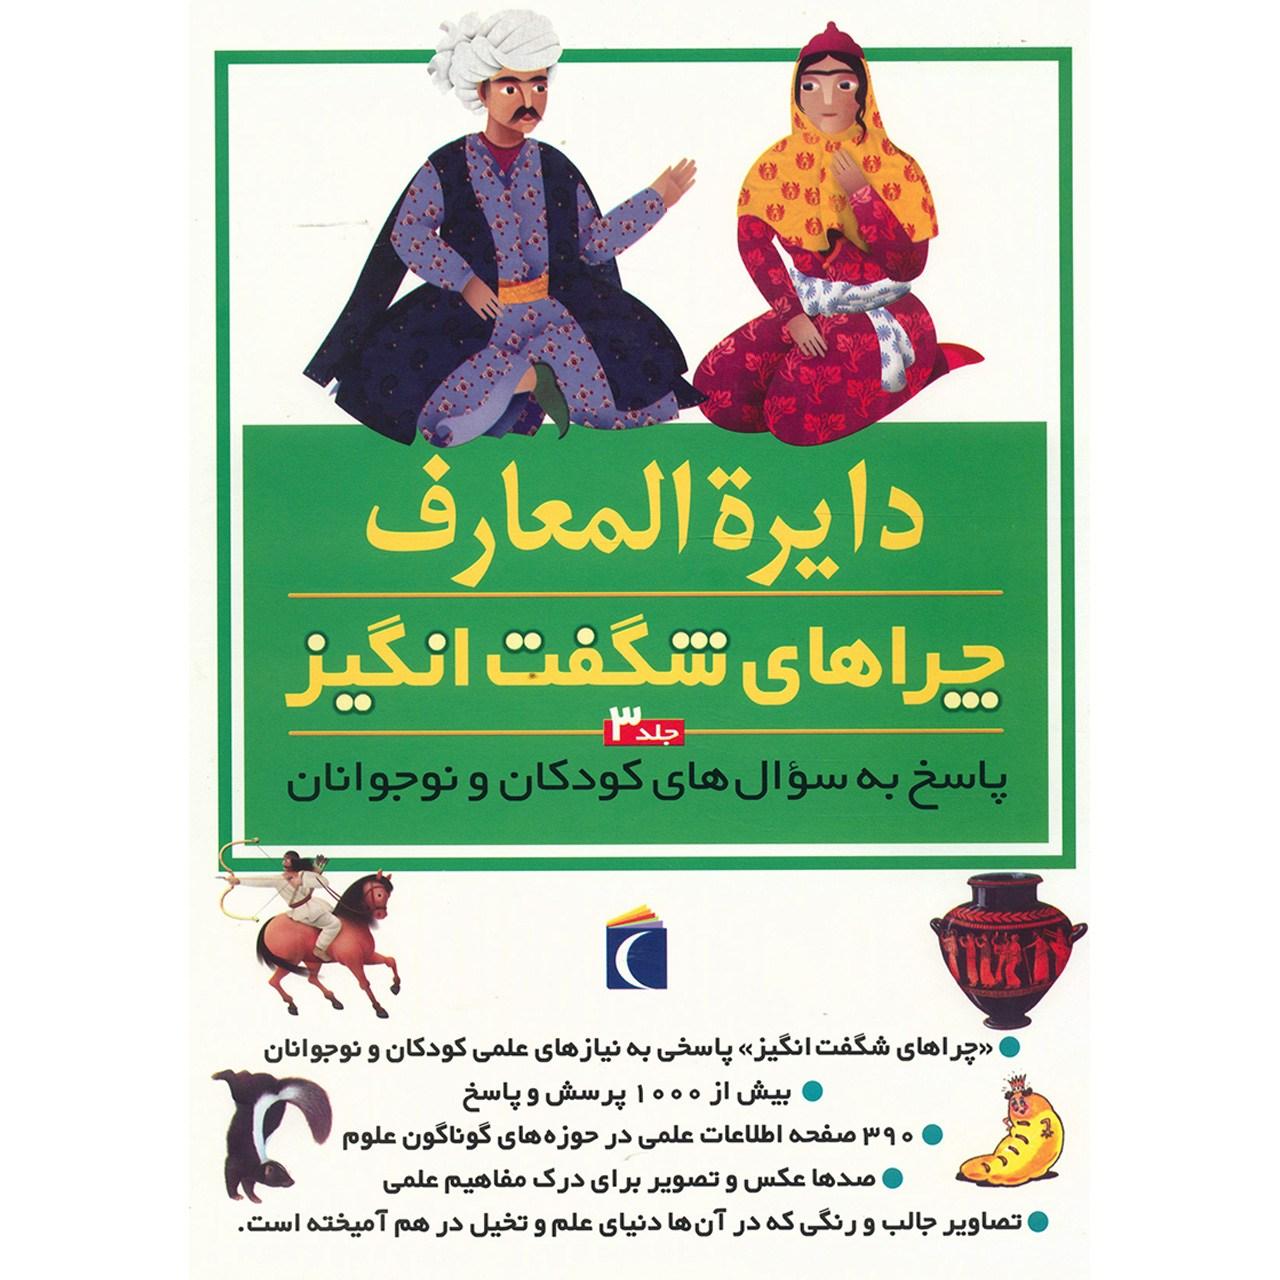 کتاب دایره المعارف چراهای شگفت انگیز اثر مهروش طهوری - جلد 3